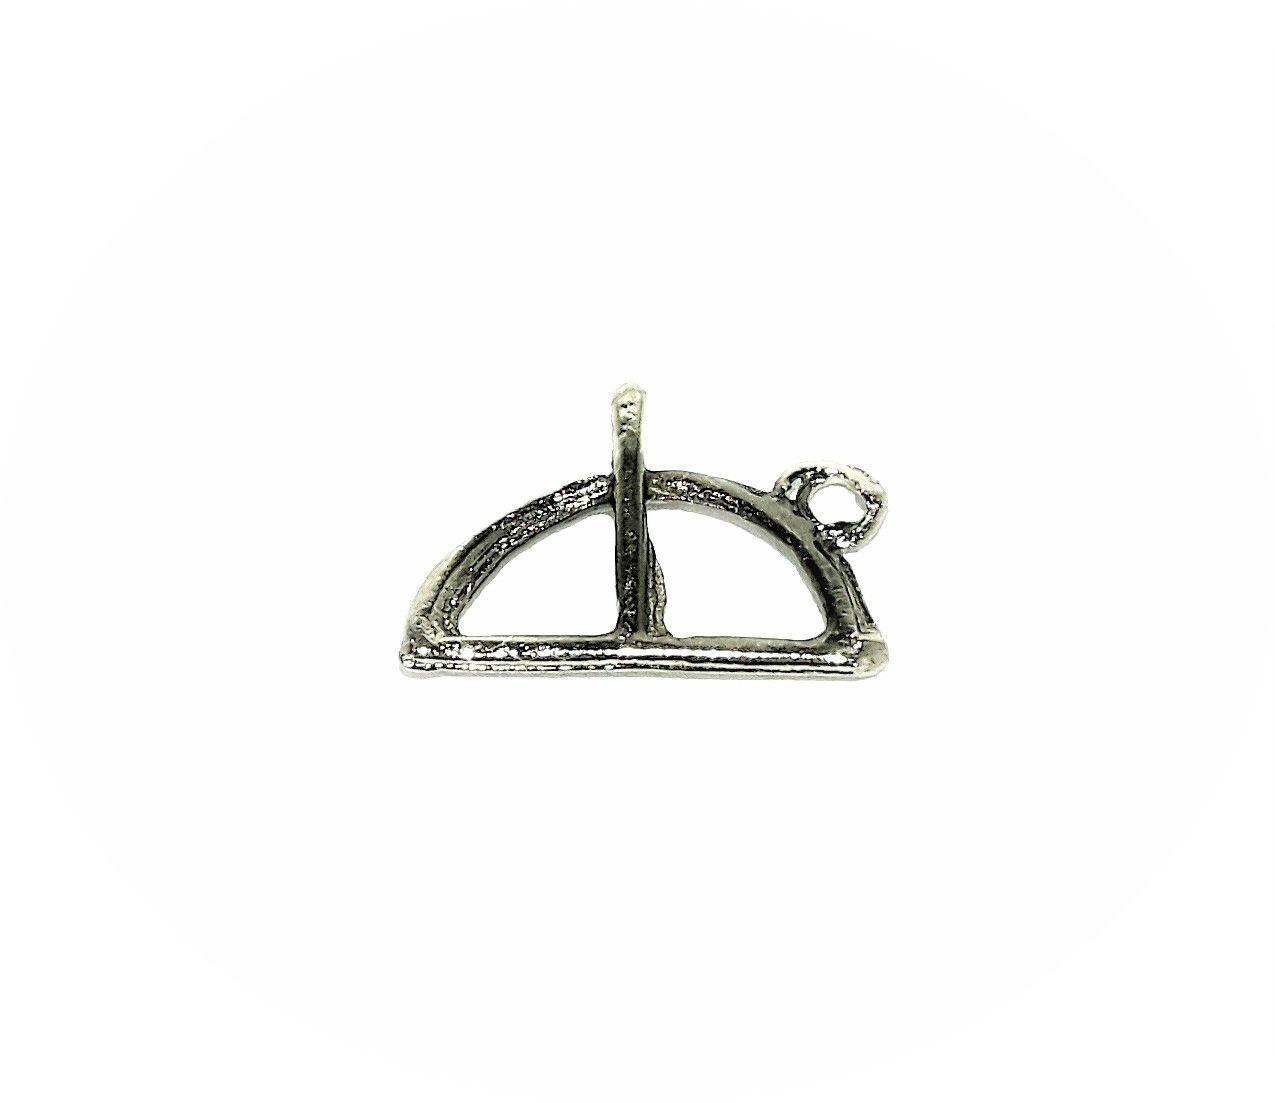 Arco e Flecha Oxóssi (Pequeno) - PING94